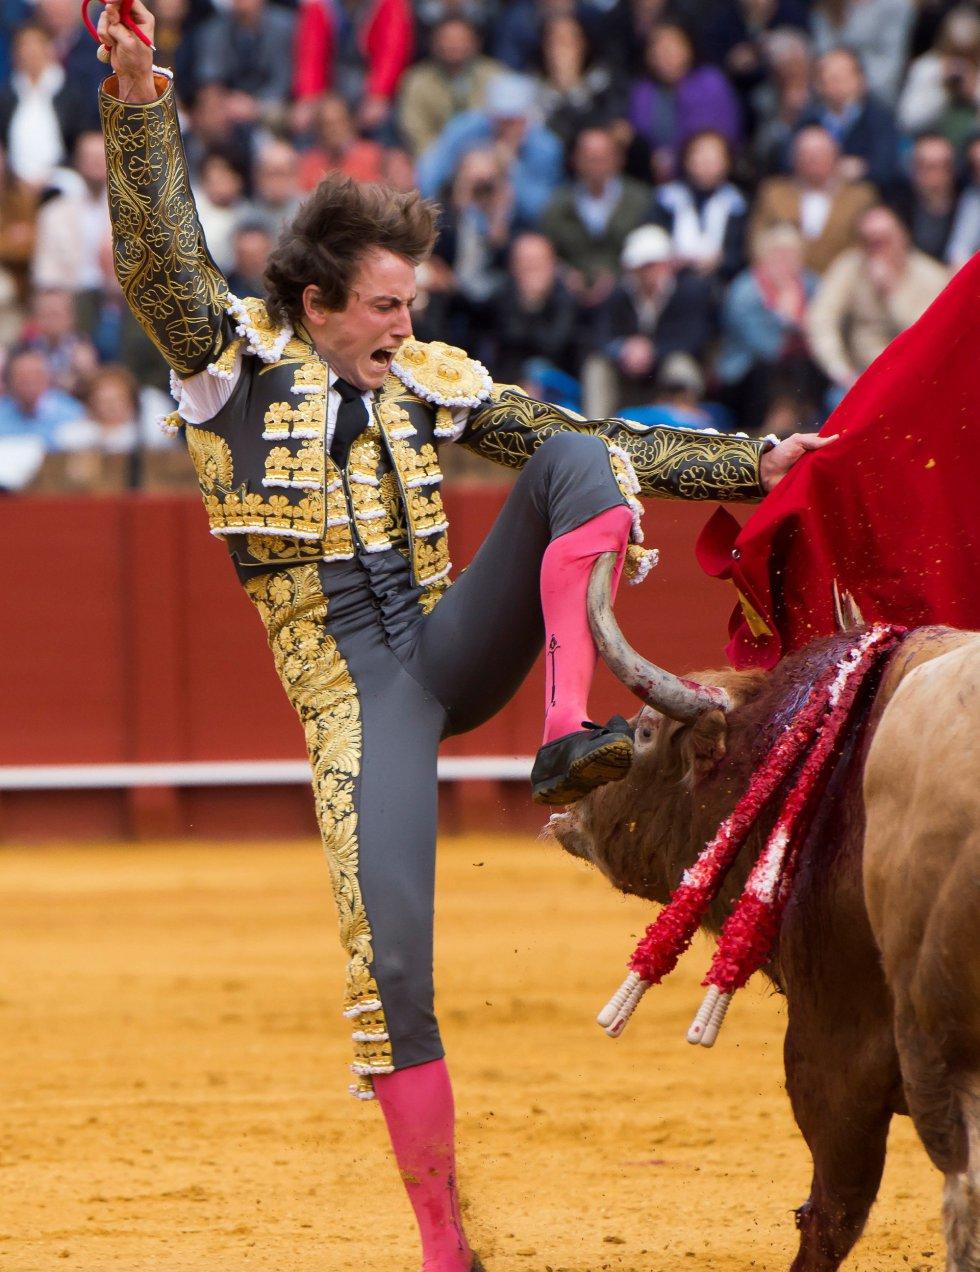 GRAF9271. SEVILLA, 08/04/2018.- El diestro Román en la lidia al primero de su lote, durante la segunda corrida de abono de la Feria de Abril celebrada esta tarde en la plaza de toros de la Maestranza, en Sevilla. EFE/Raúl Caro